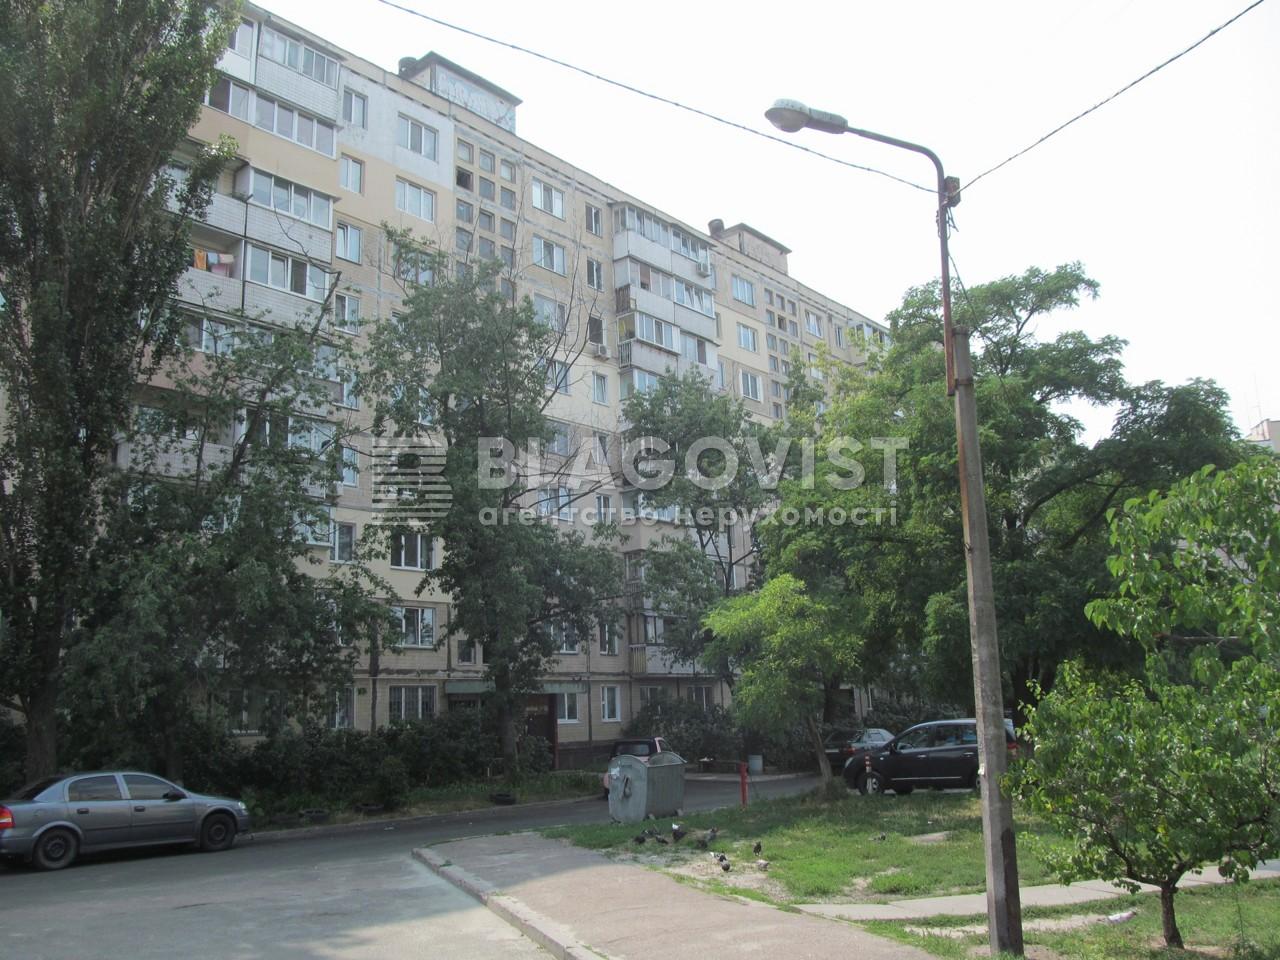 Квартира C-109390, Приречная, 19, Киев - Фото 2